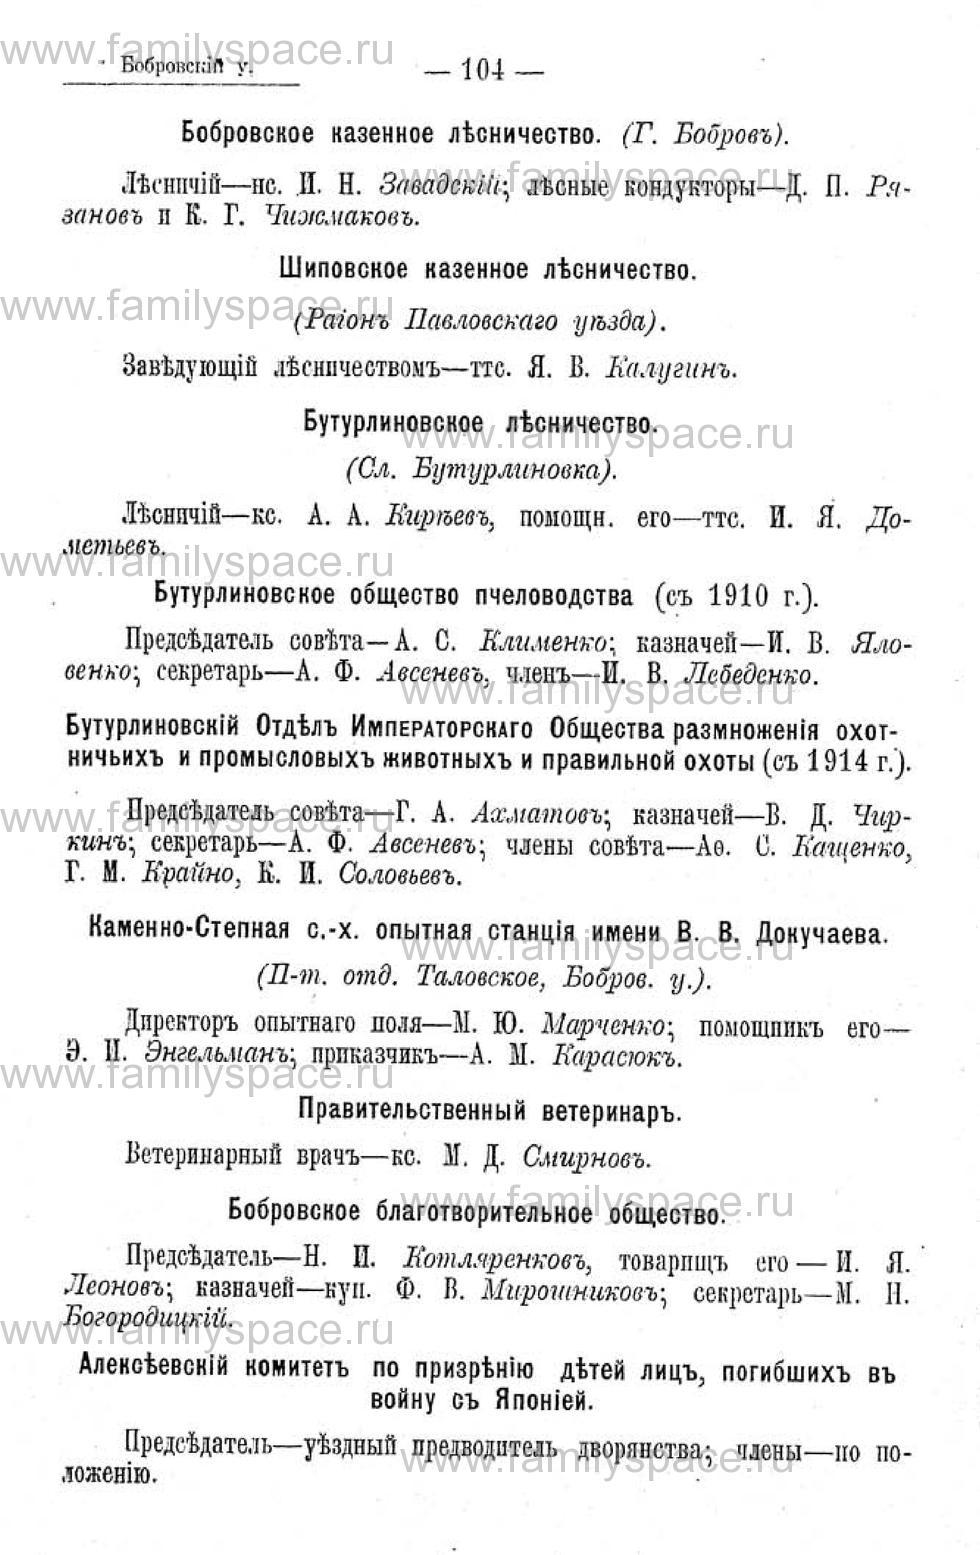 Поиск по фамилии - Памятная книжка Воронежской губернии на 1915 год, страница 4104